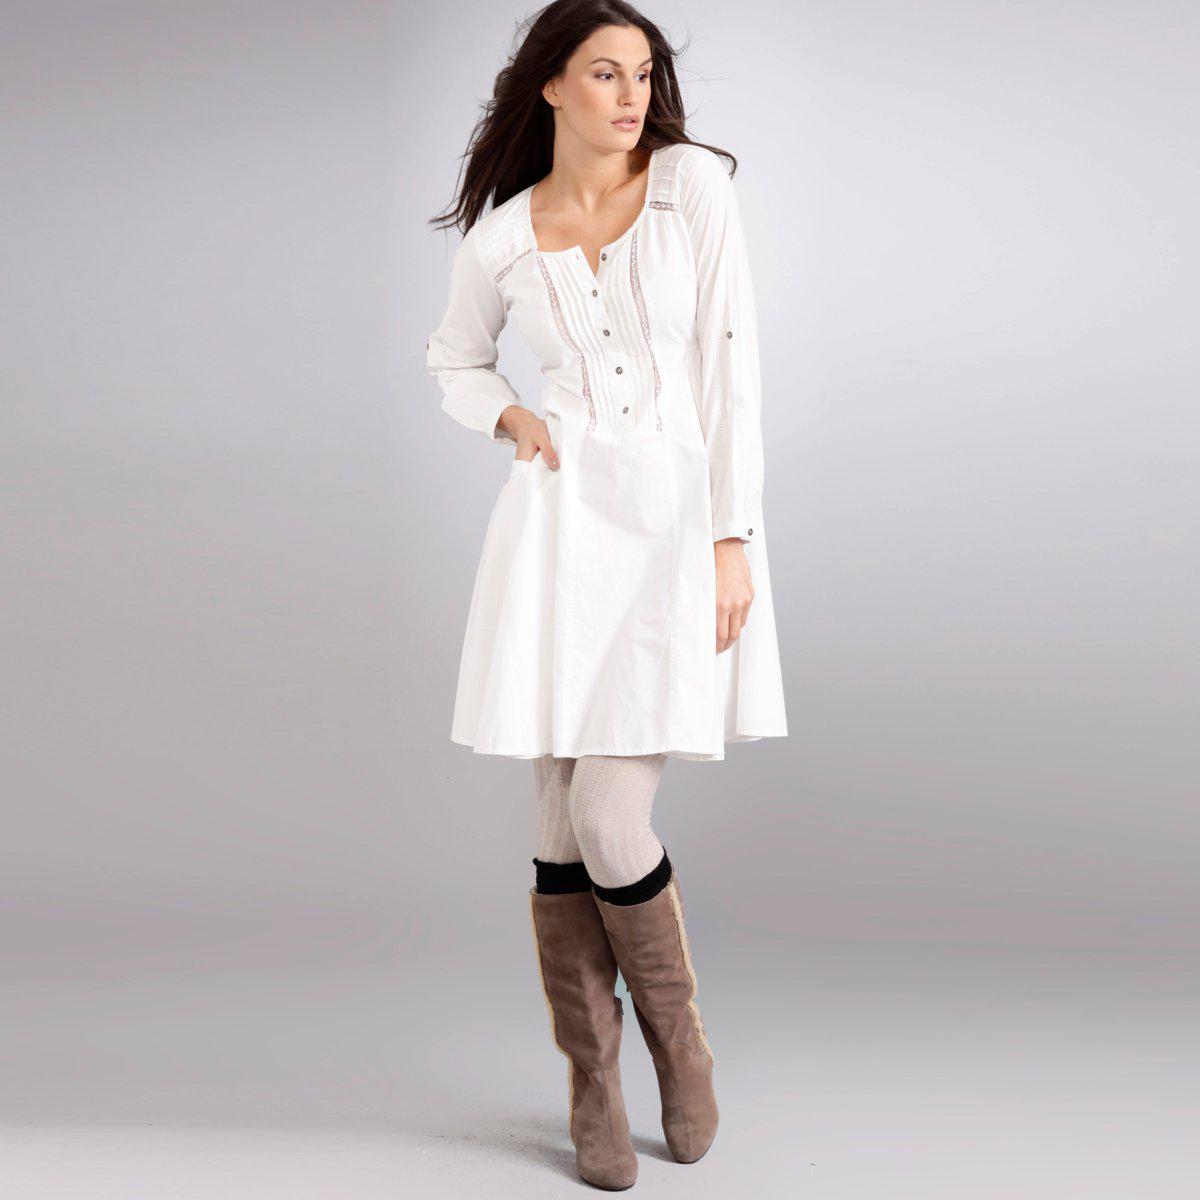 Βραδυνα Φορεματα LaRedoute Χειμώνας 2012 Κωδ. 324206606 0cb36dc85c3